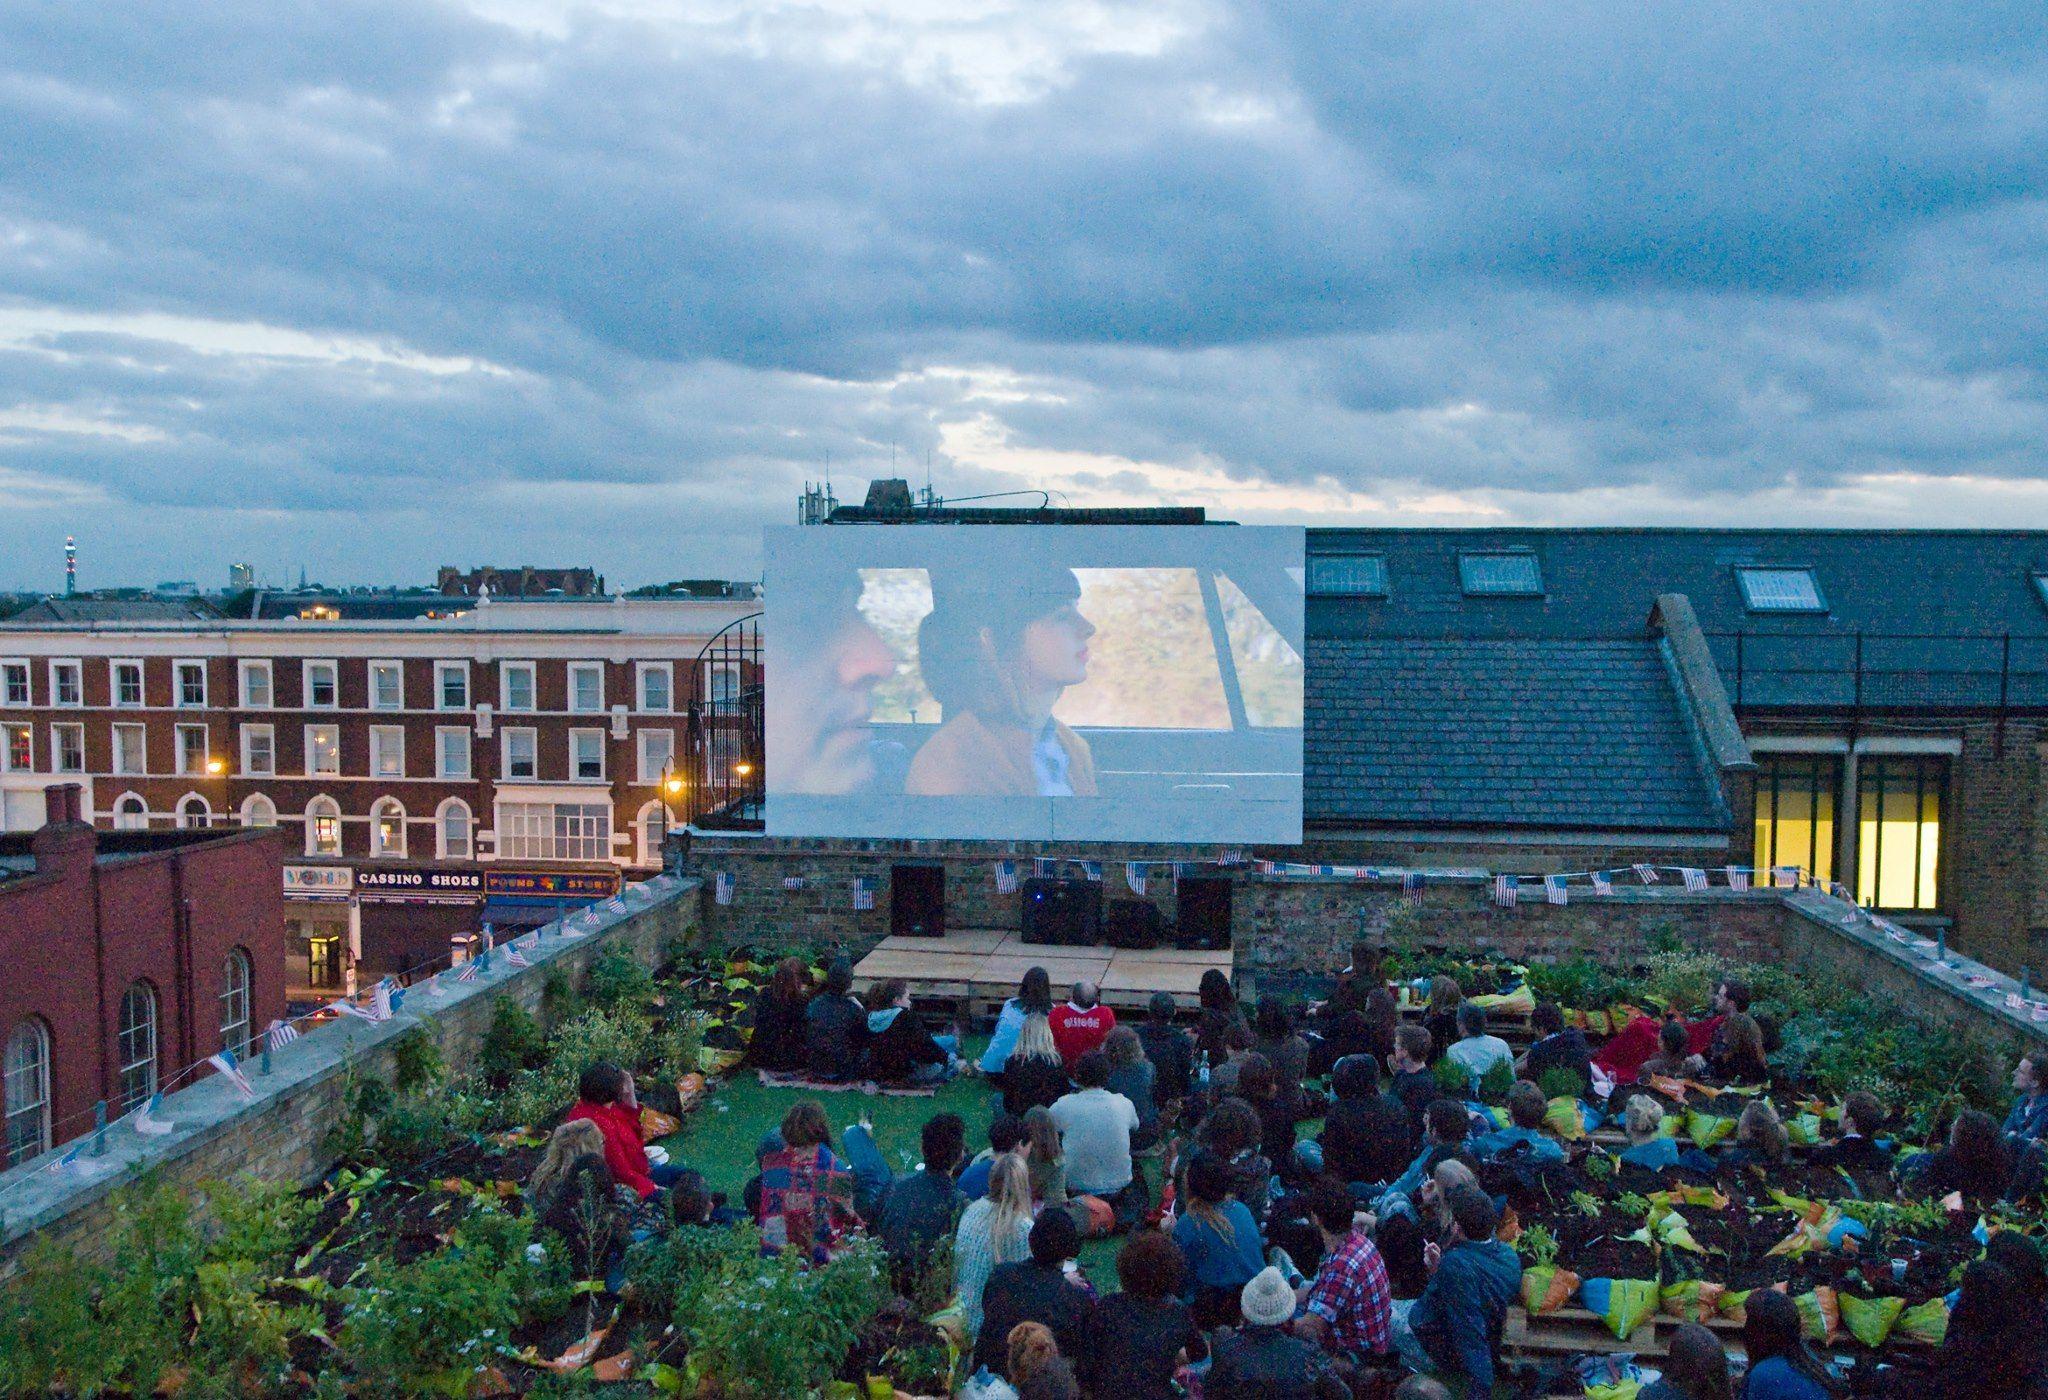 Top 10 Rooftop Bars In London Outdoor Cinema Best Rooftop Bars London Bars